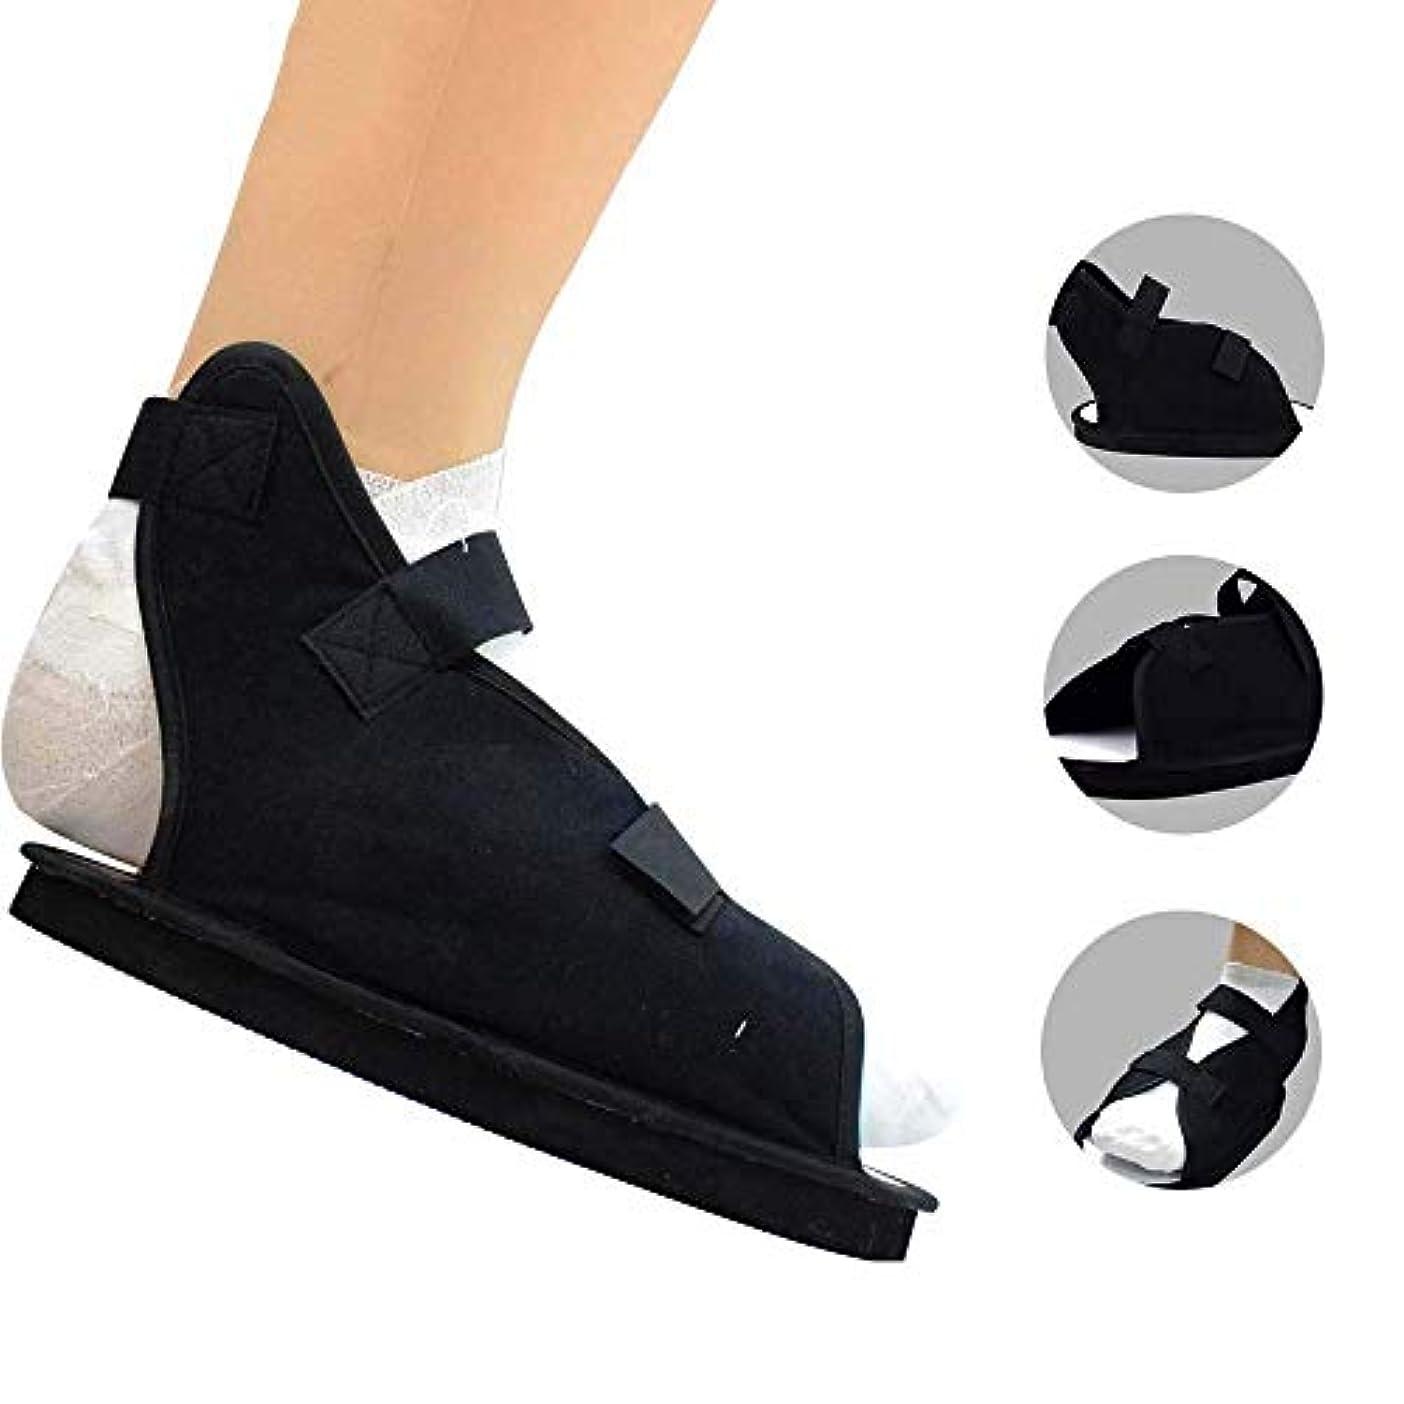 差し迫った洗剤責術後靴、傷害後の外科用フットキャスト医療用ウォーキングブーツ (Size : S)